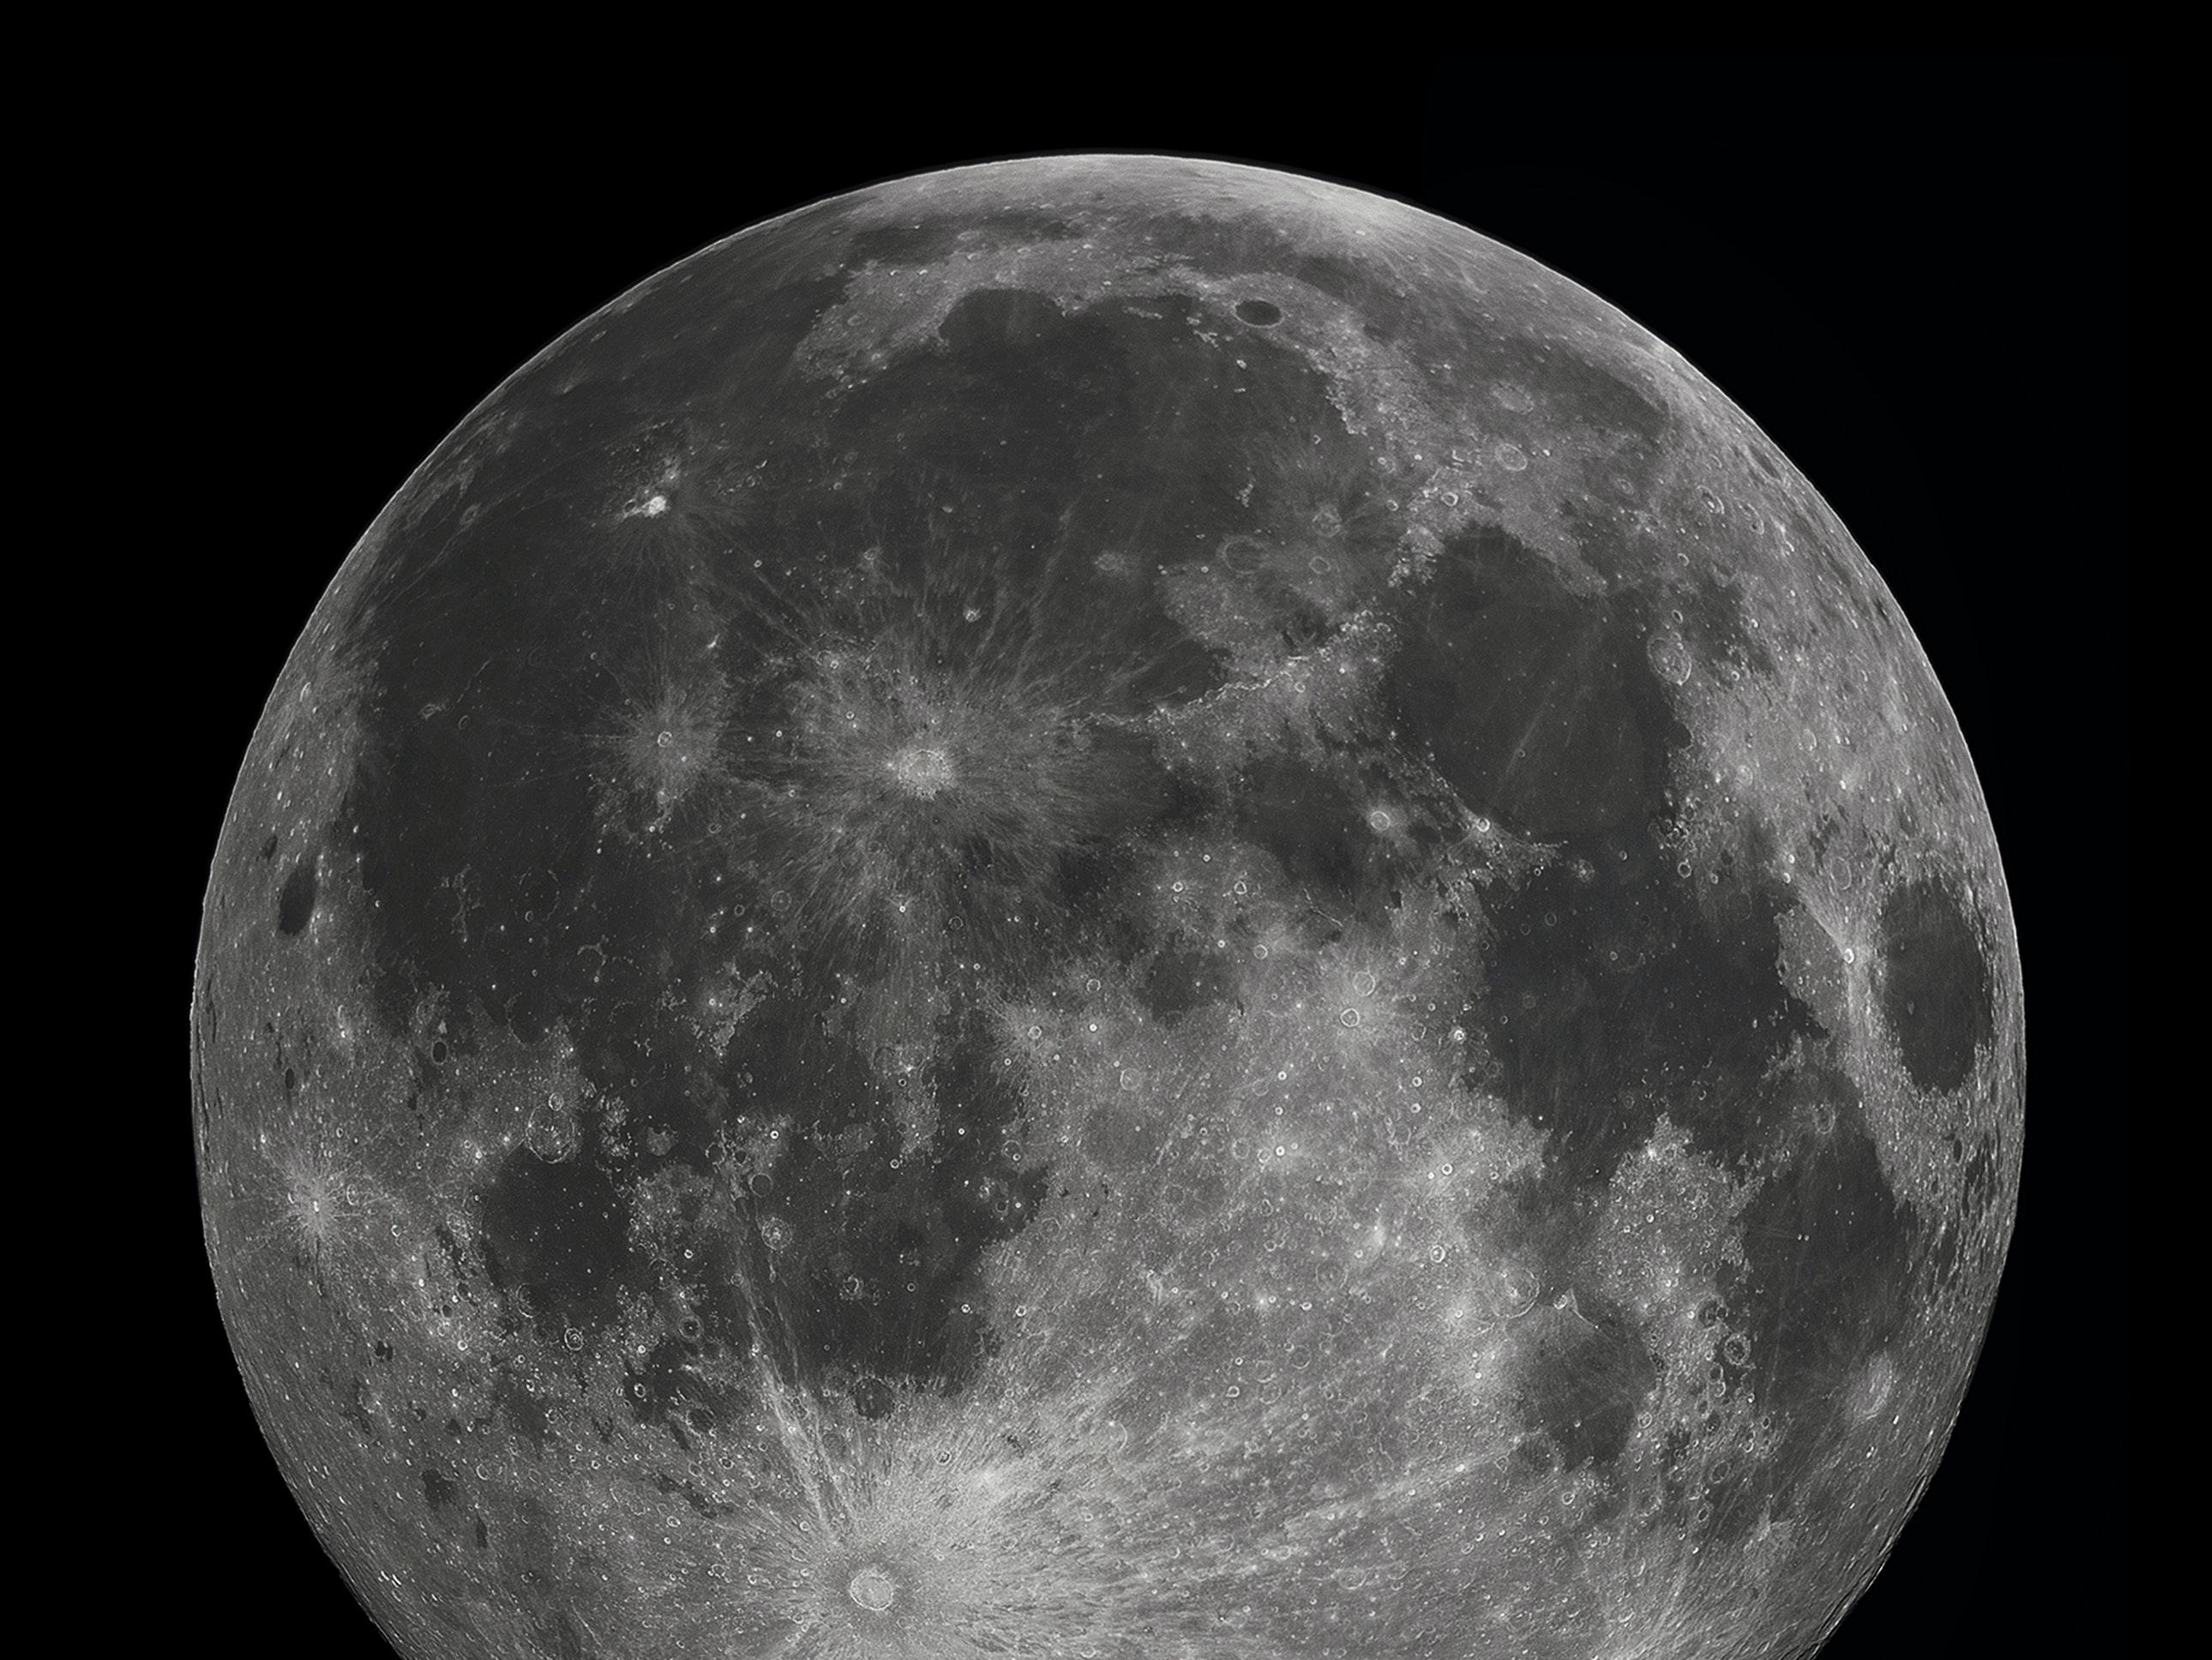 A full moon in 2010